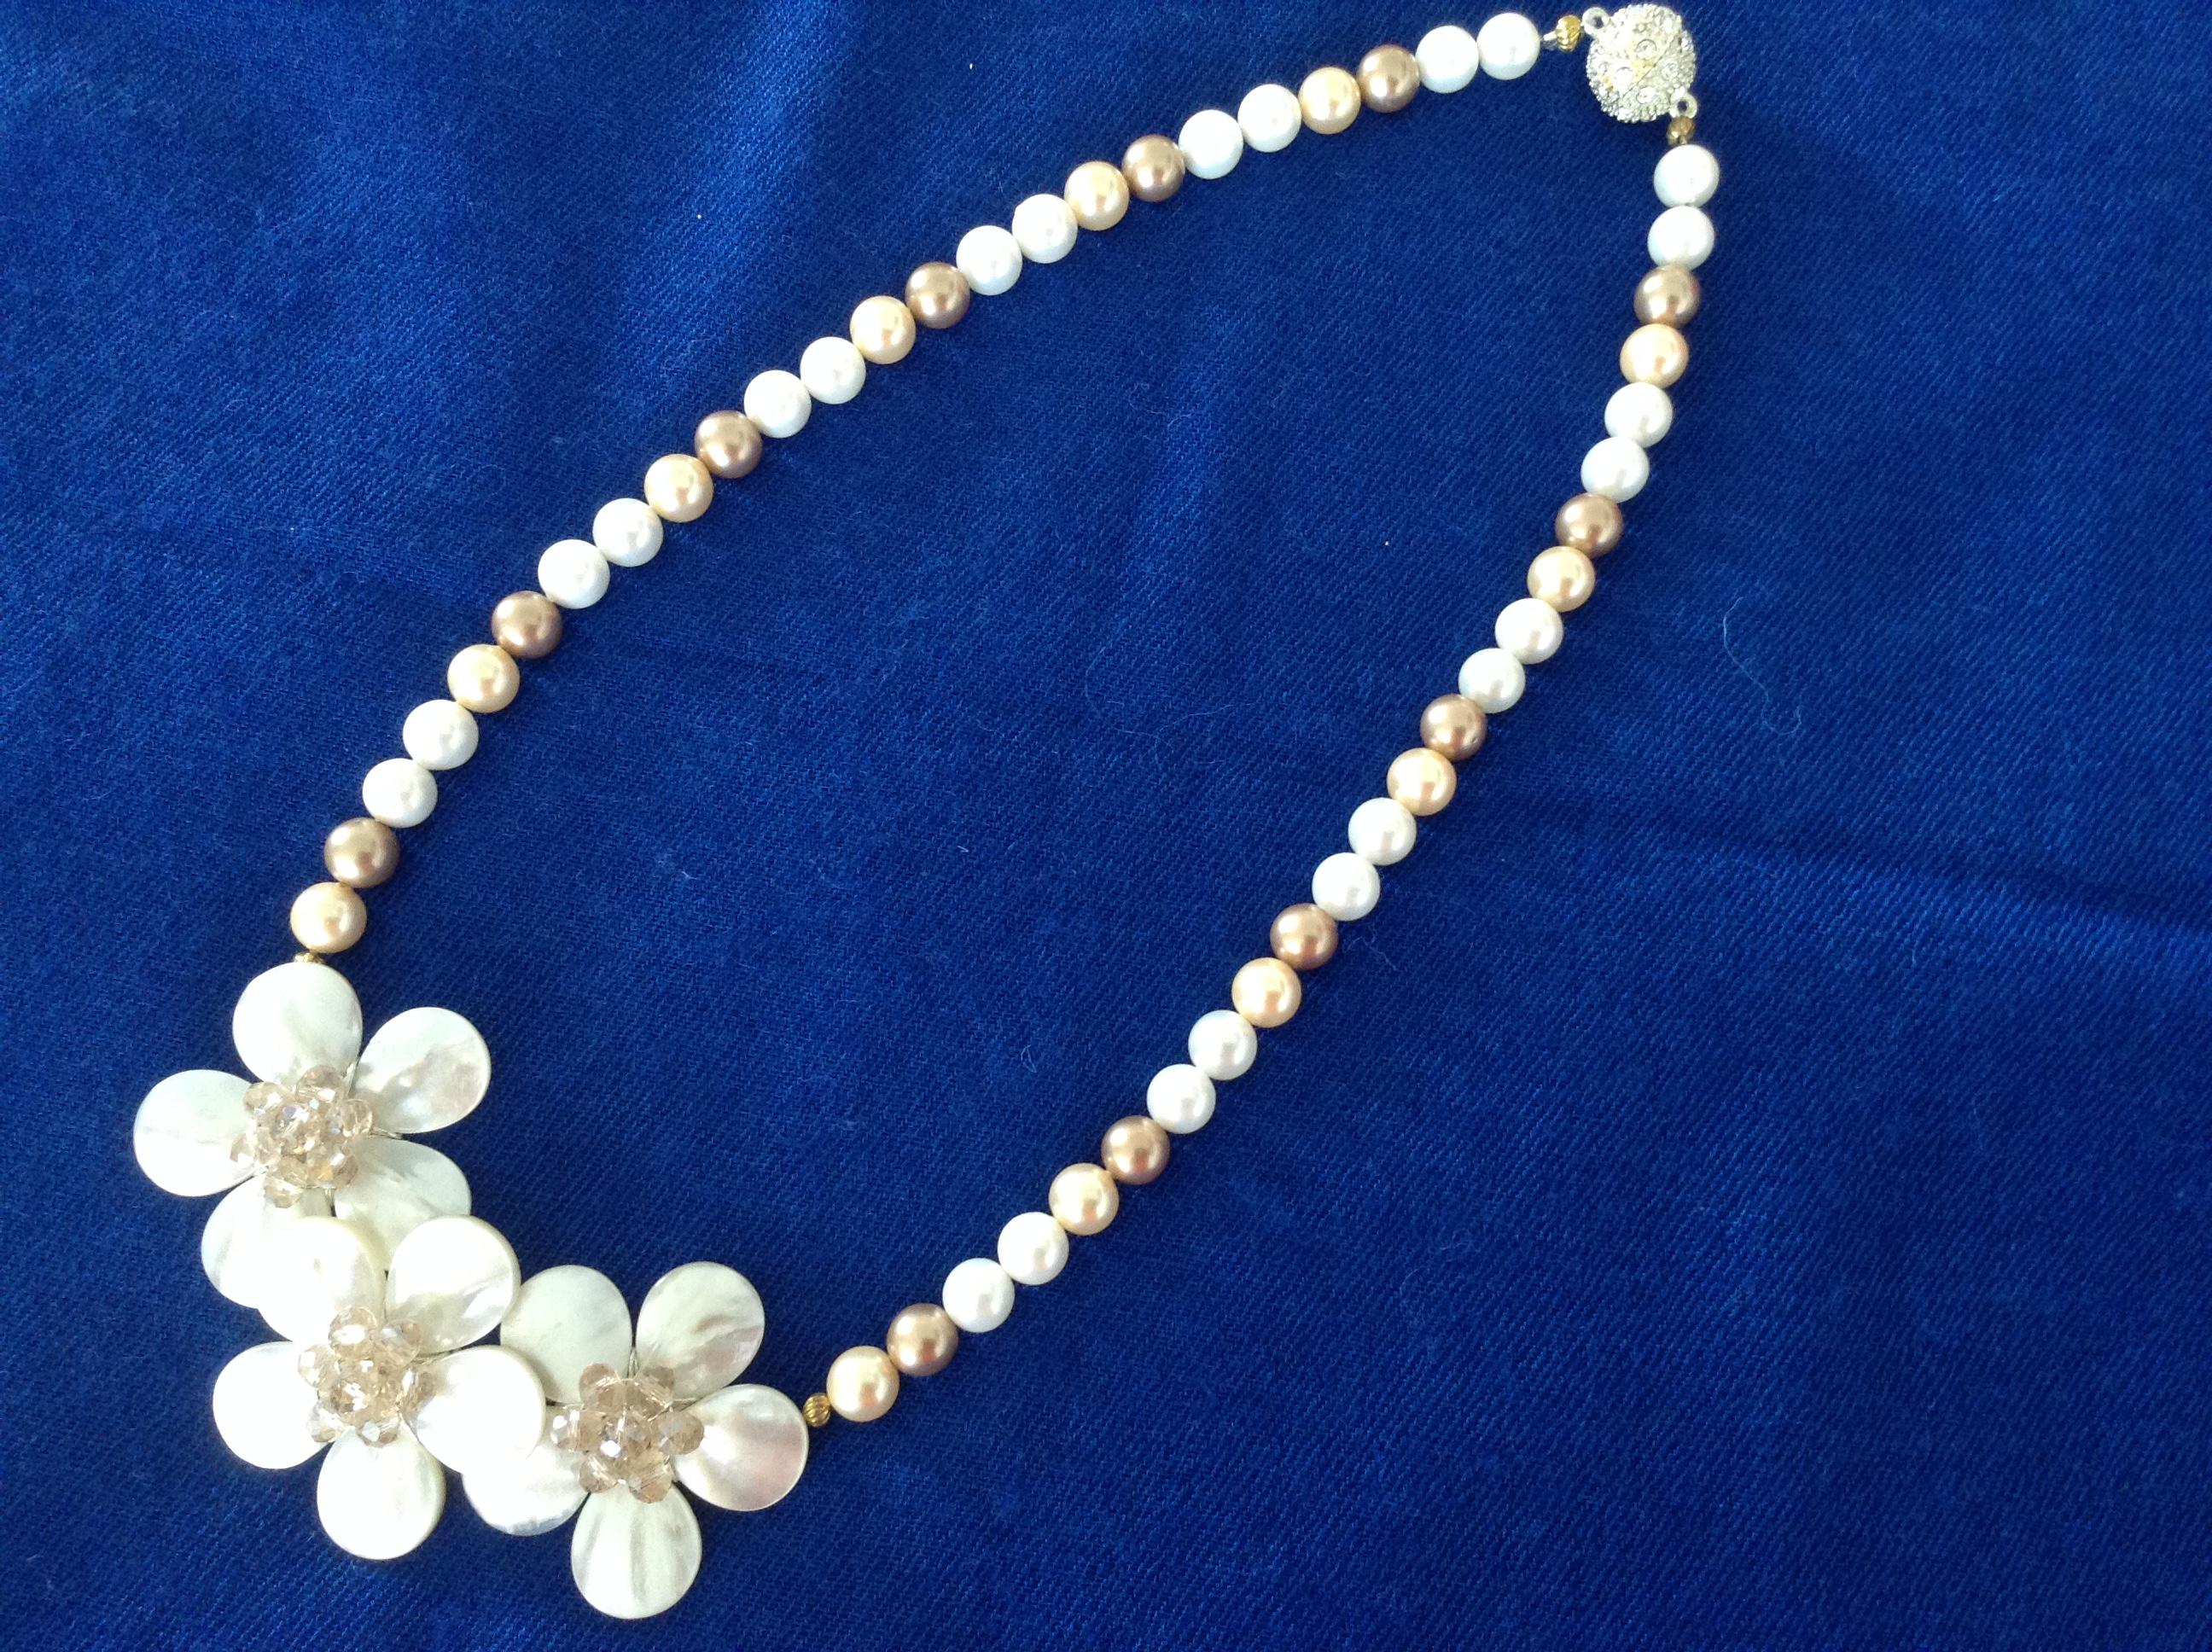 Halsband av pärlemor med blommor